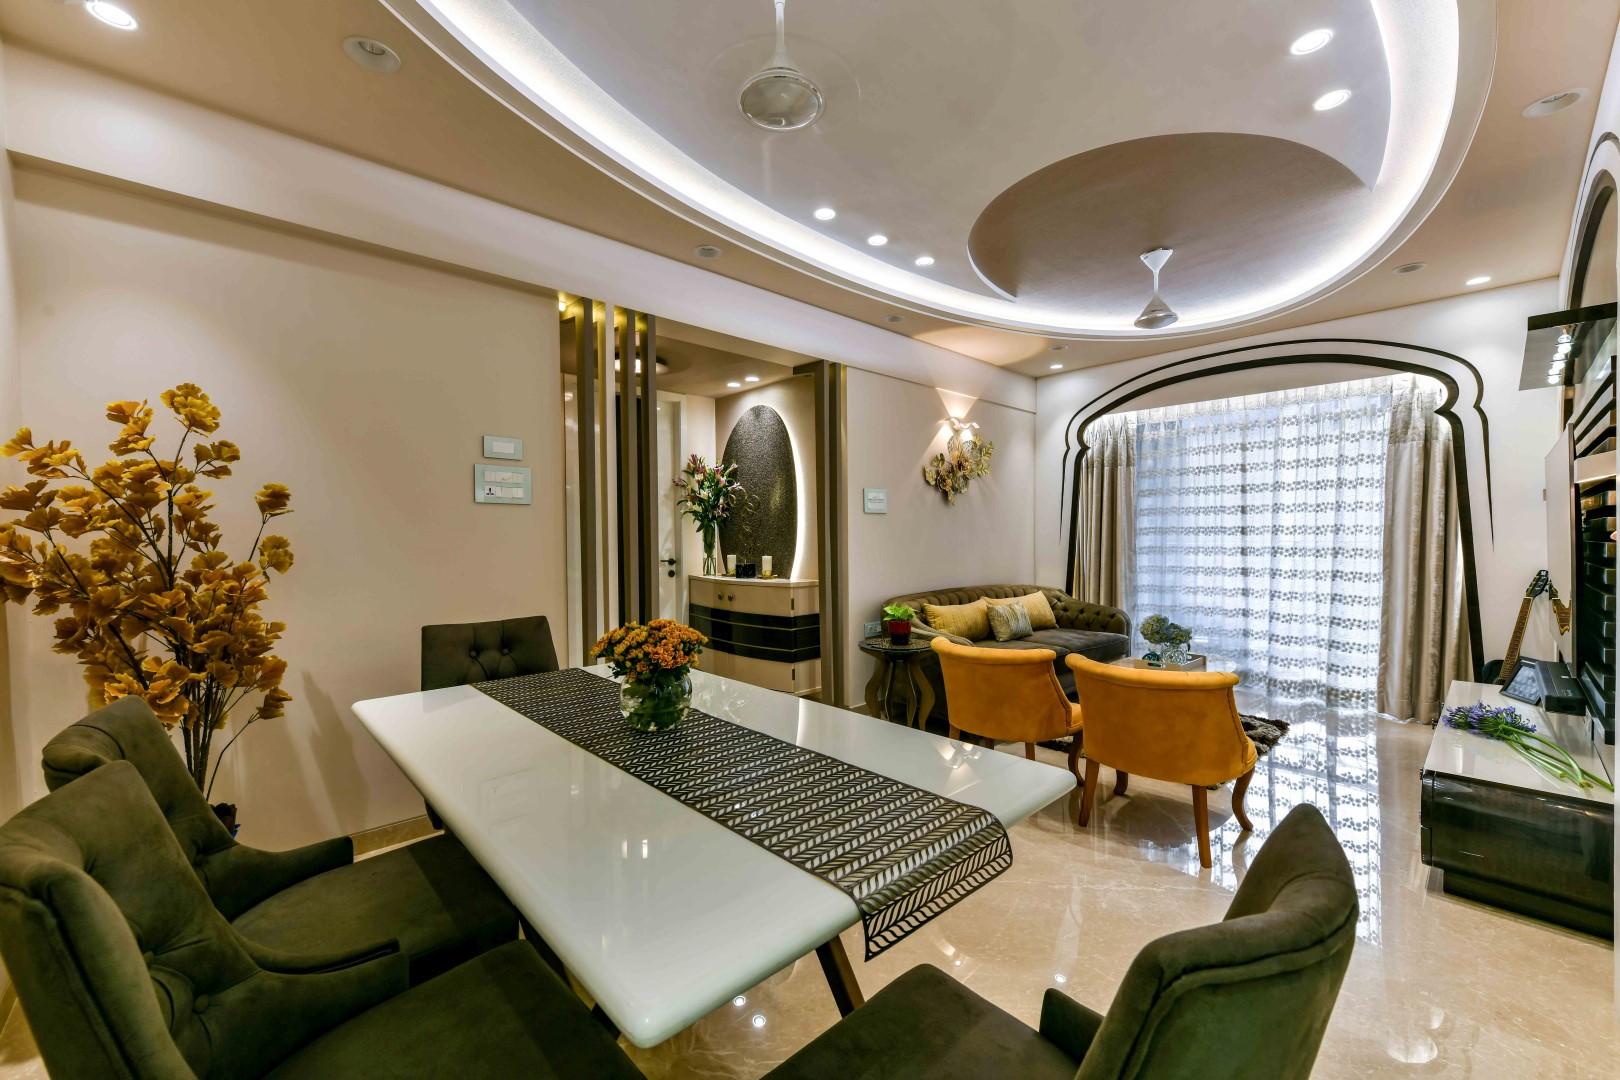 Oriental Style Apartment Interior Balraj Thethi Design The Architects Diary